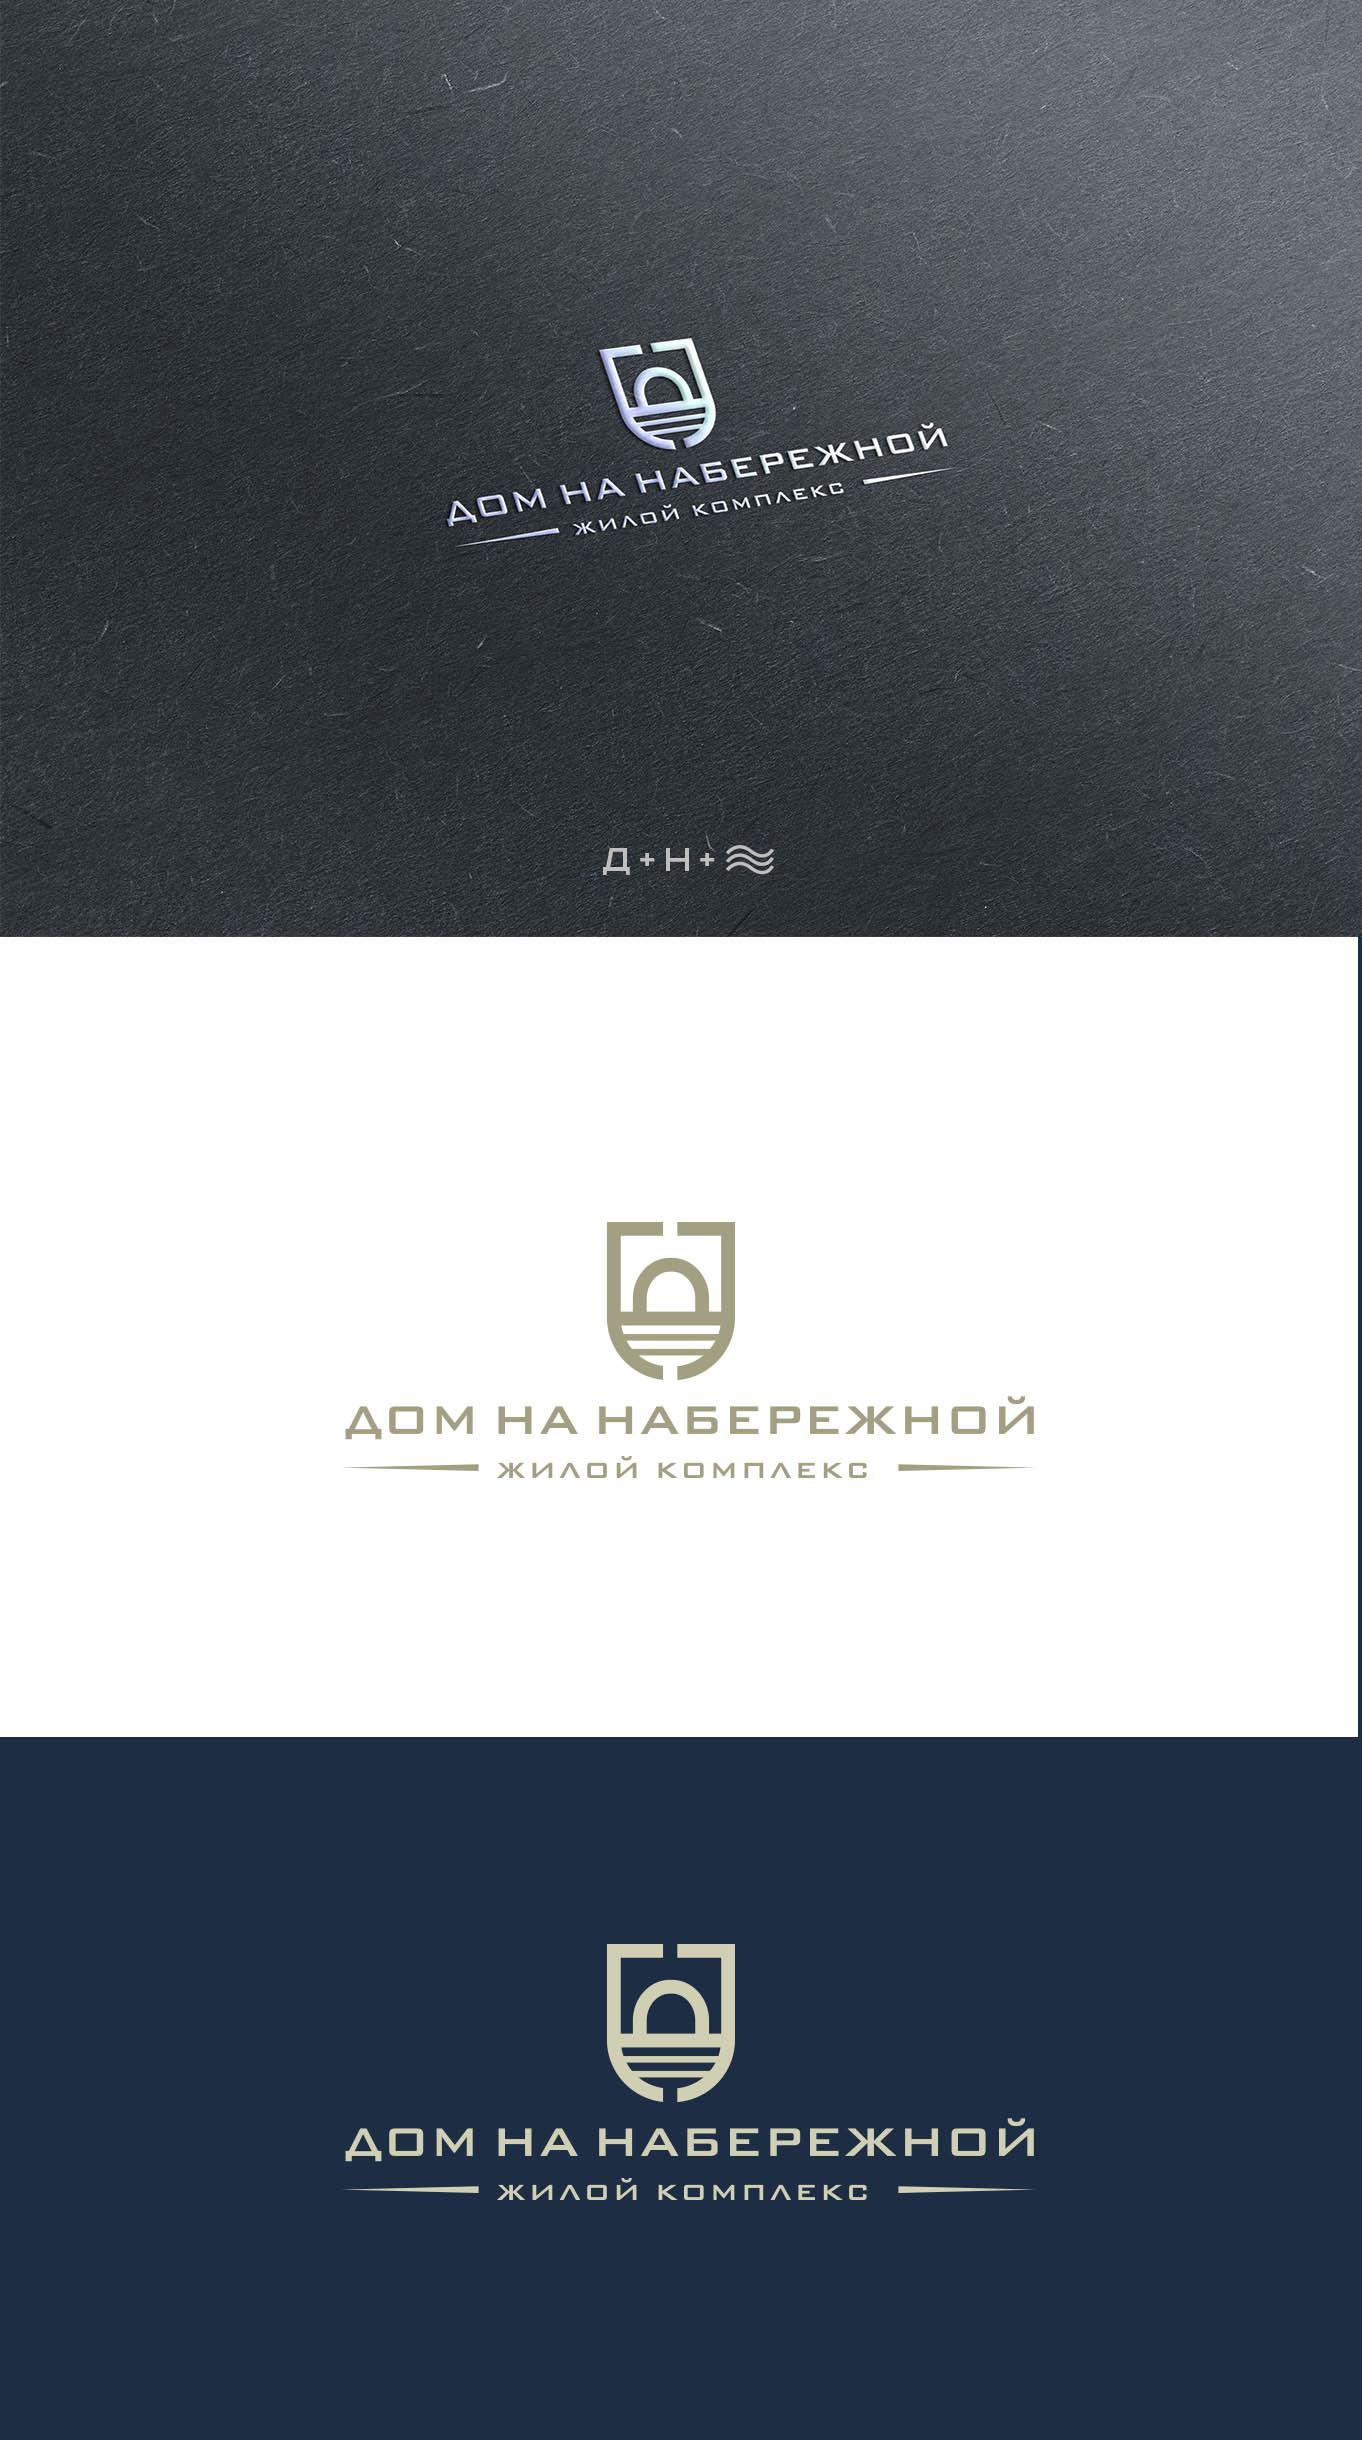 РАЗРАБОТКА логотипа для ЖИЛОГО КОМПЛЕКСА премиум В АНАПЕ.  фото f_4465de8429eb42d6.jpg